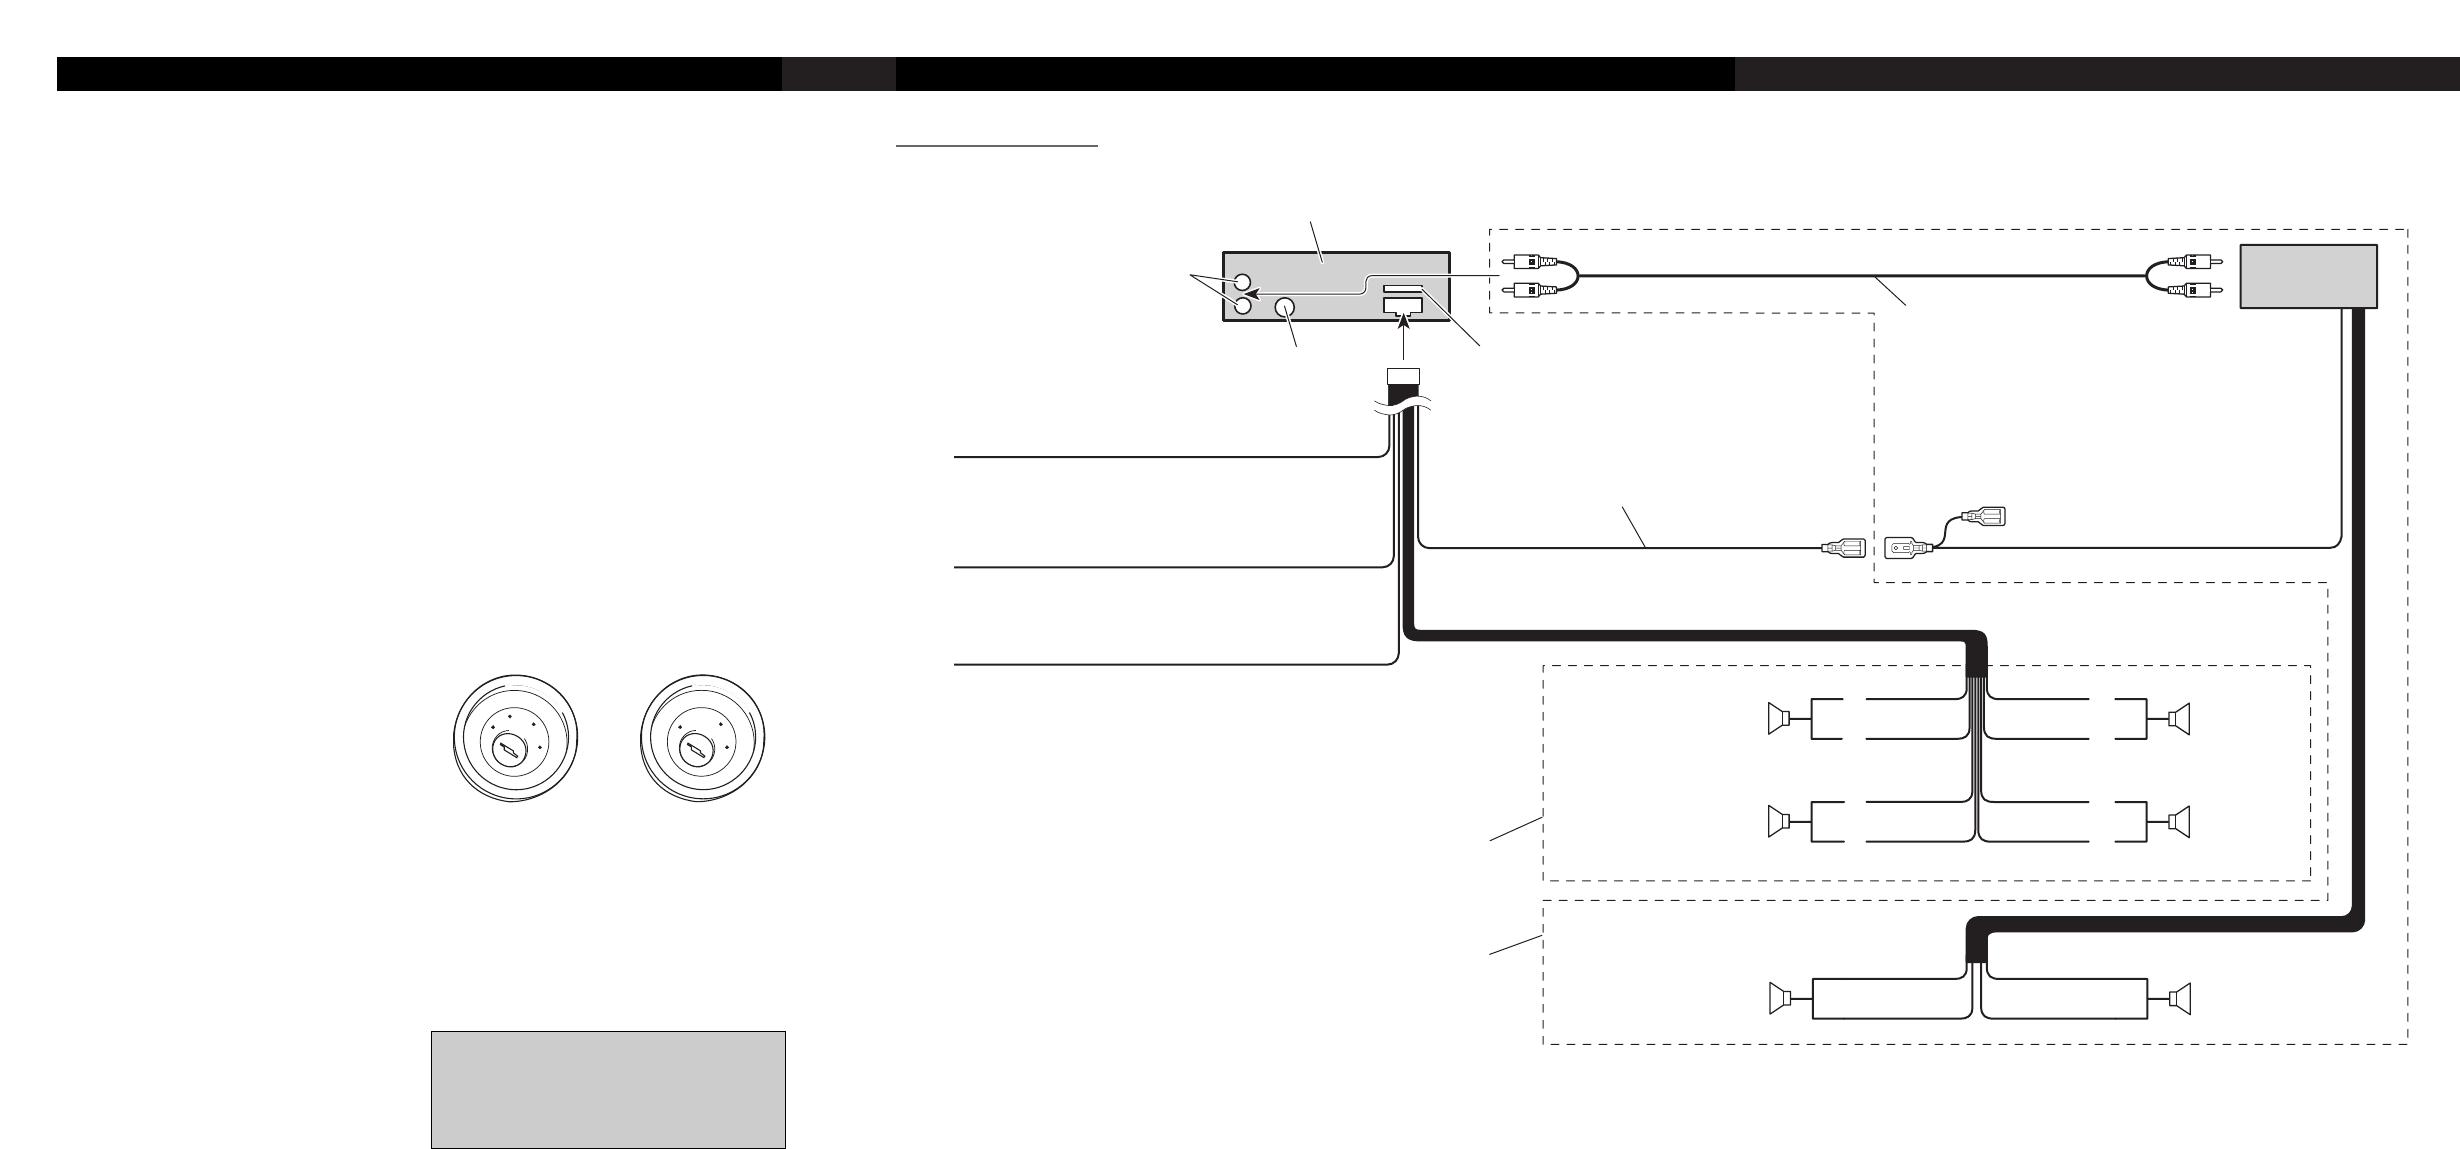 Pioneer Avh X3700bhs Wiring Diagram Subwoofer Wiring